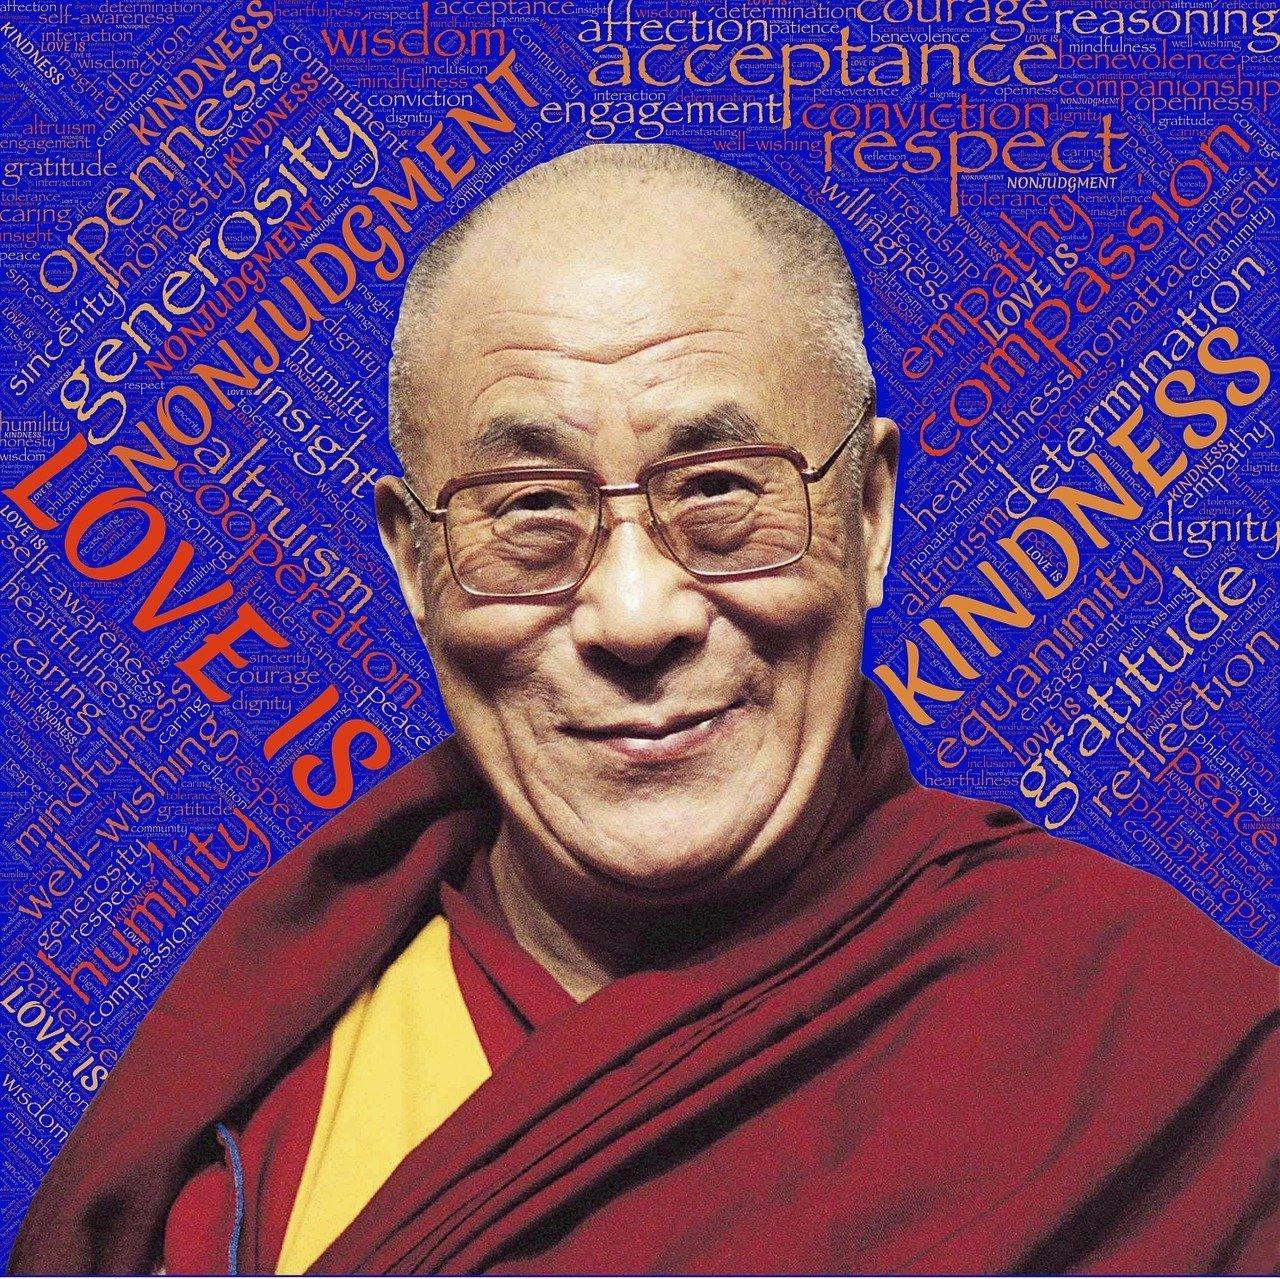 Dalai Lama Dharmshala